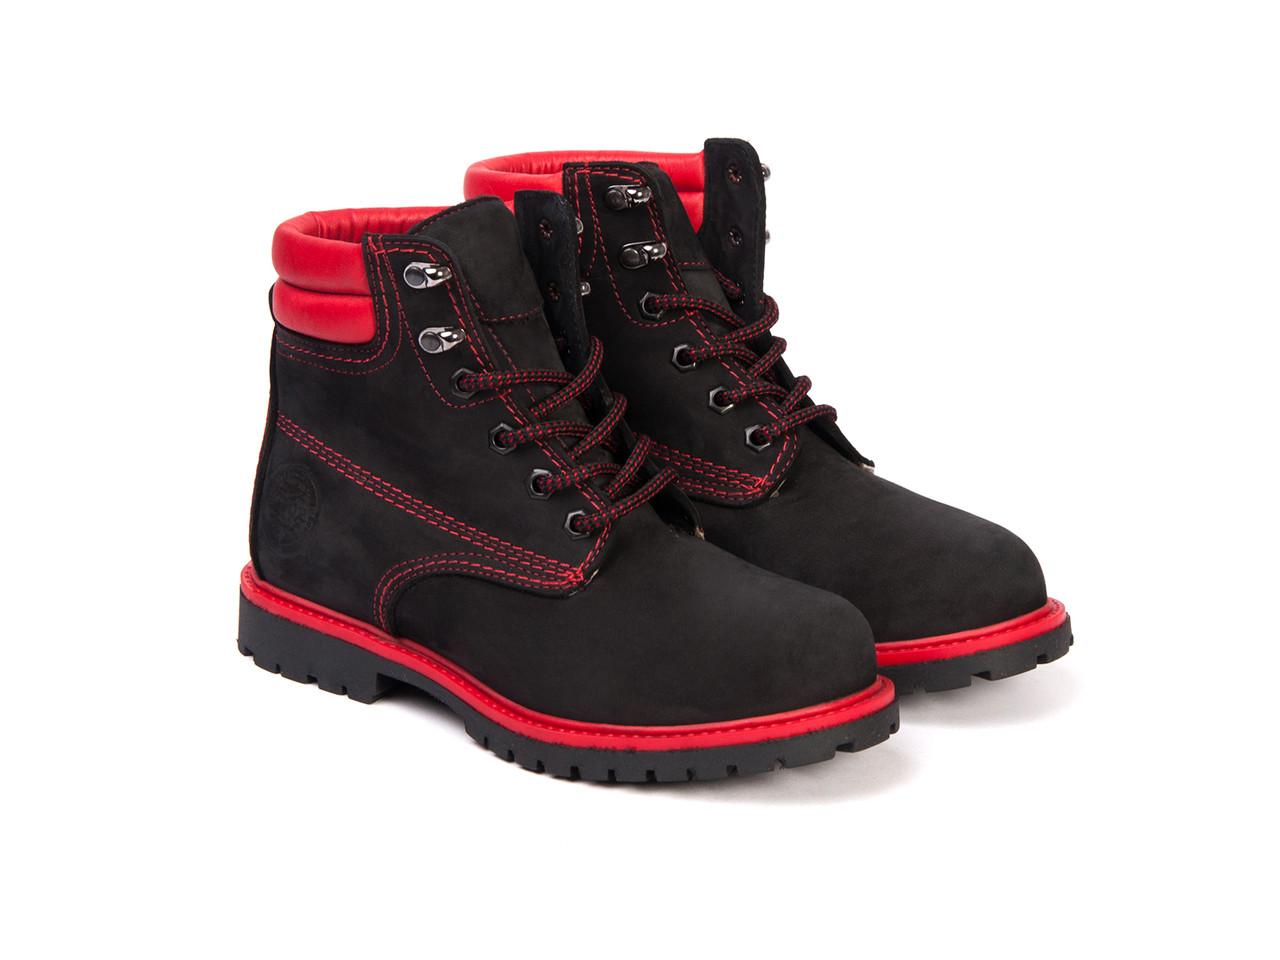 Ботинки Etor 2852-4310-2298-1 черные